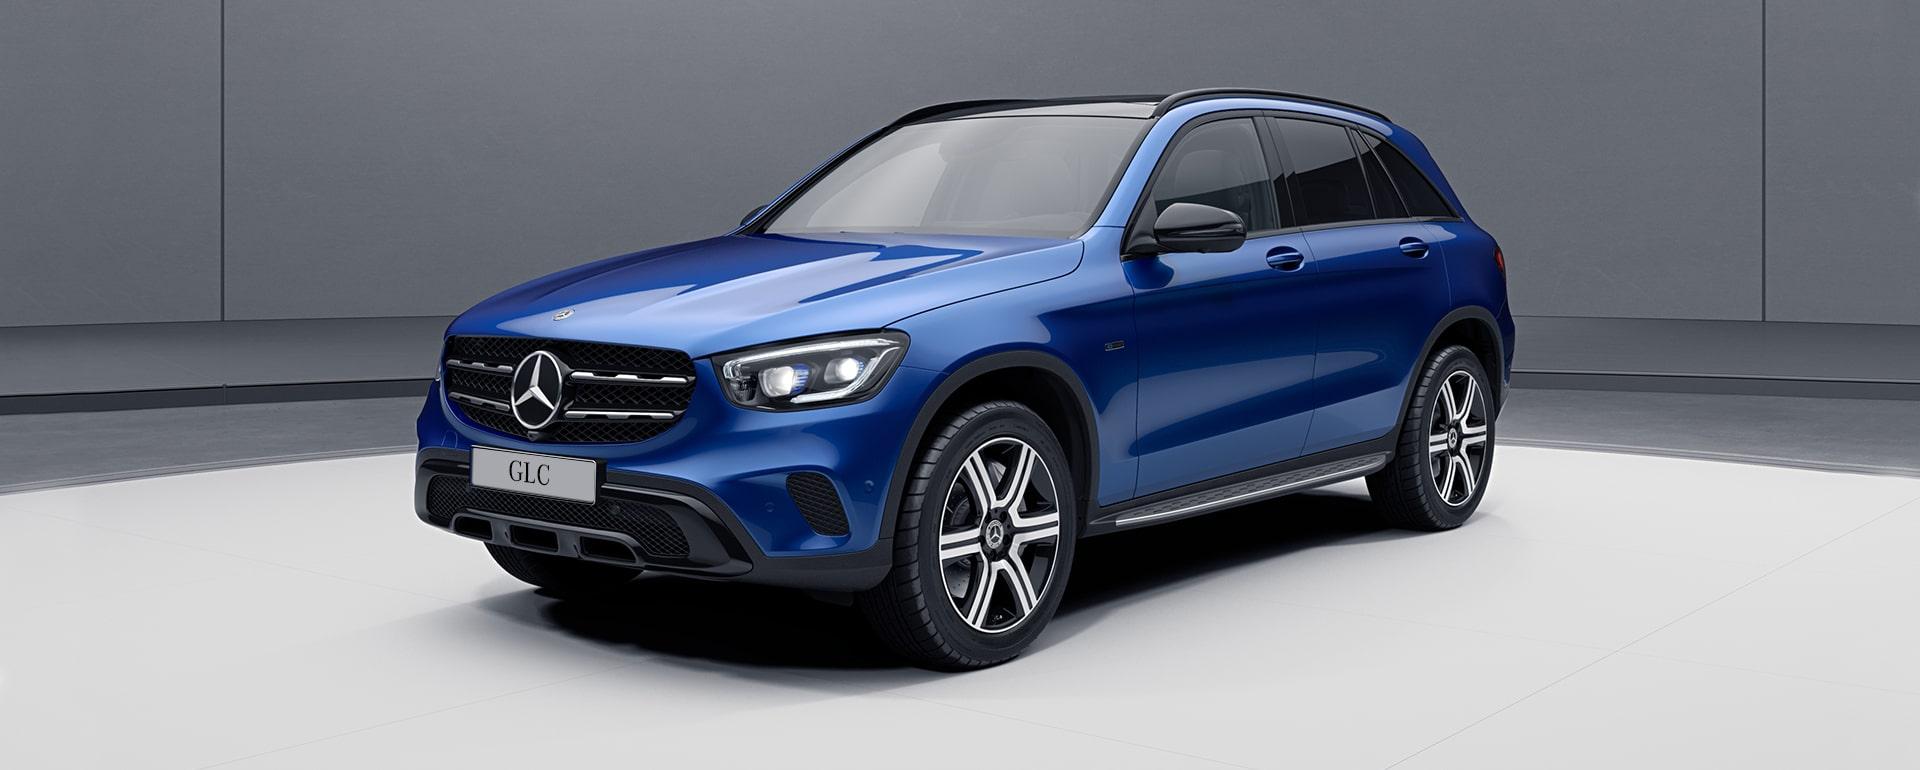 GLC SUV - Azul